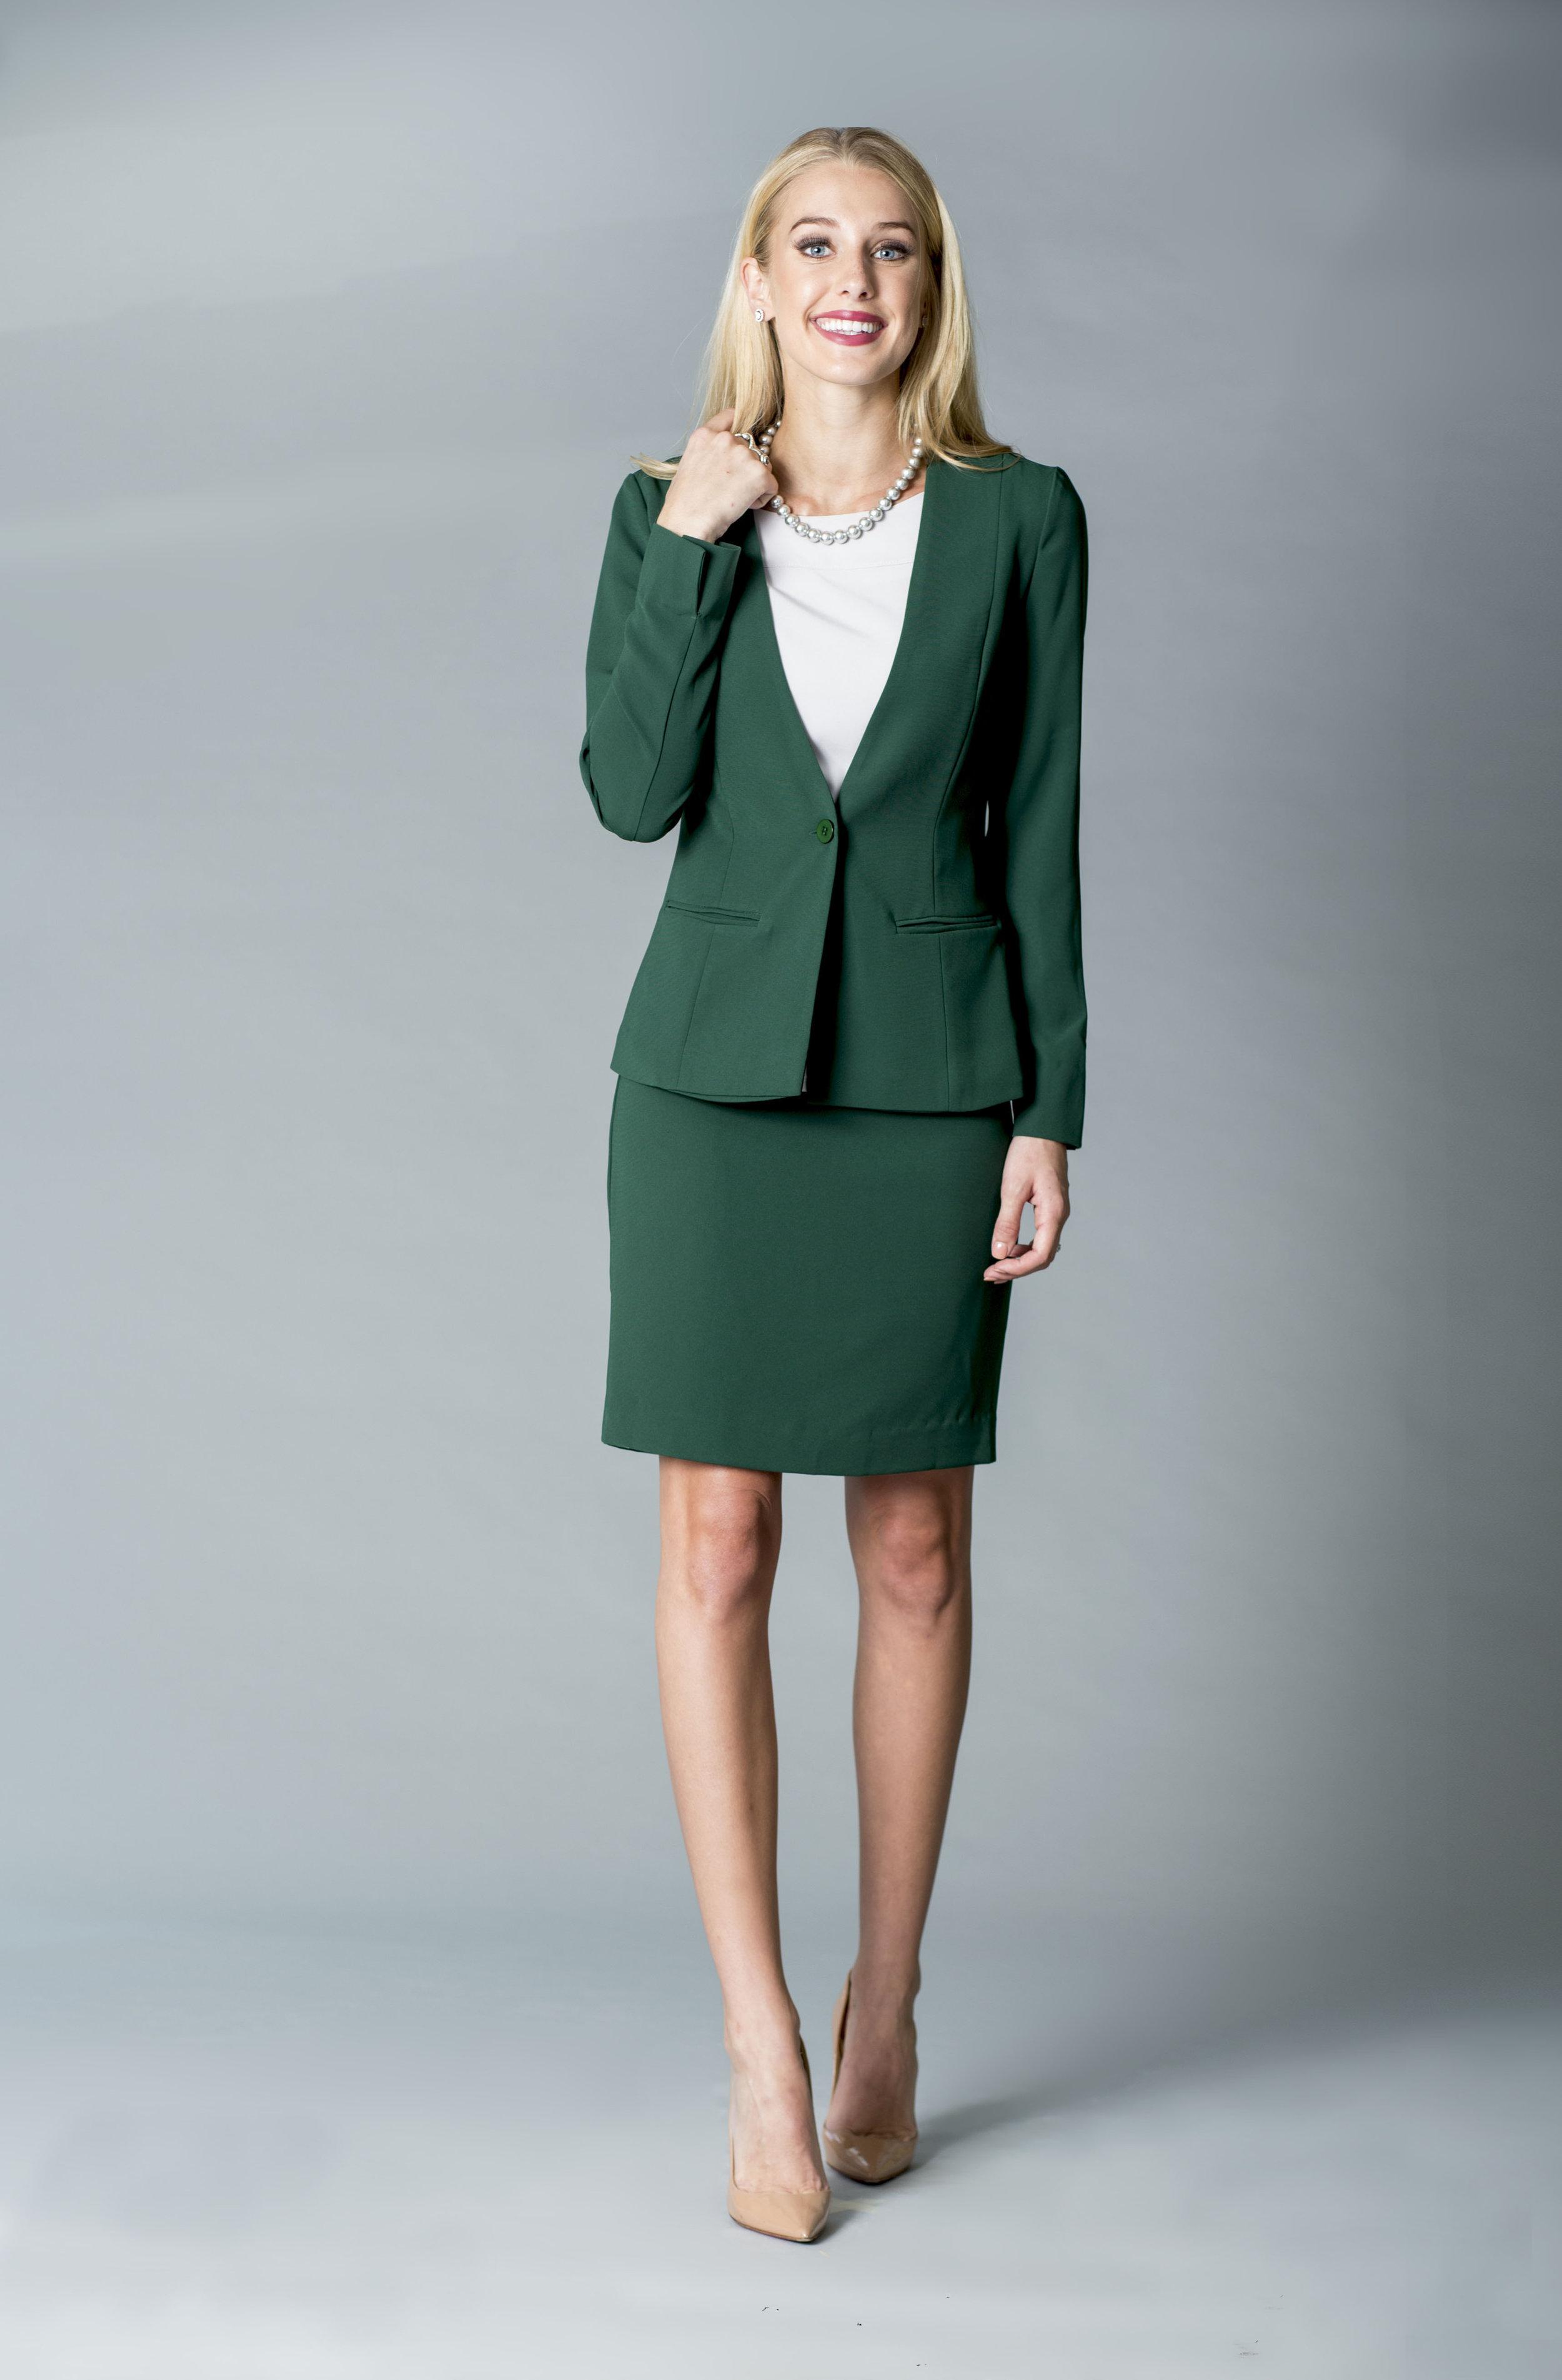 MDSN 624- falda y saco verde copy.jpg